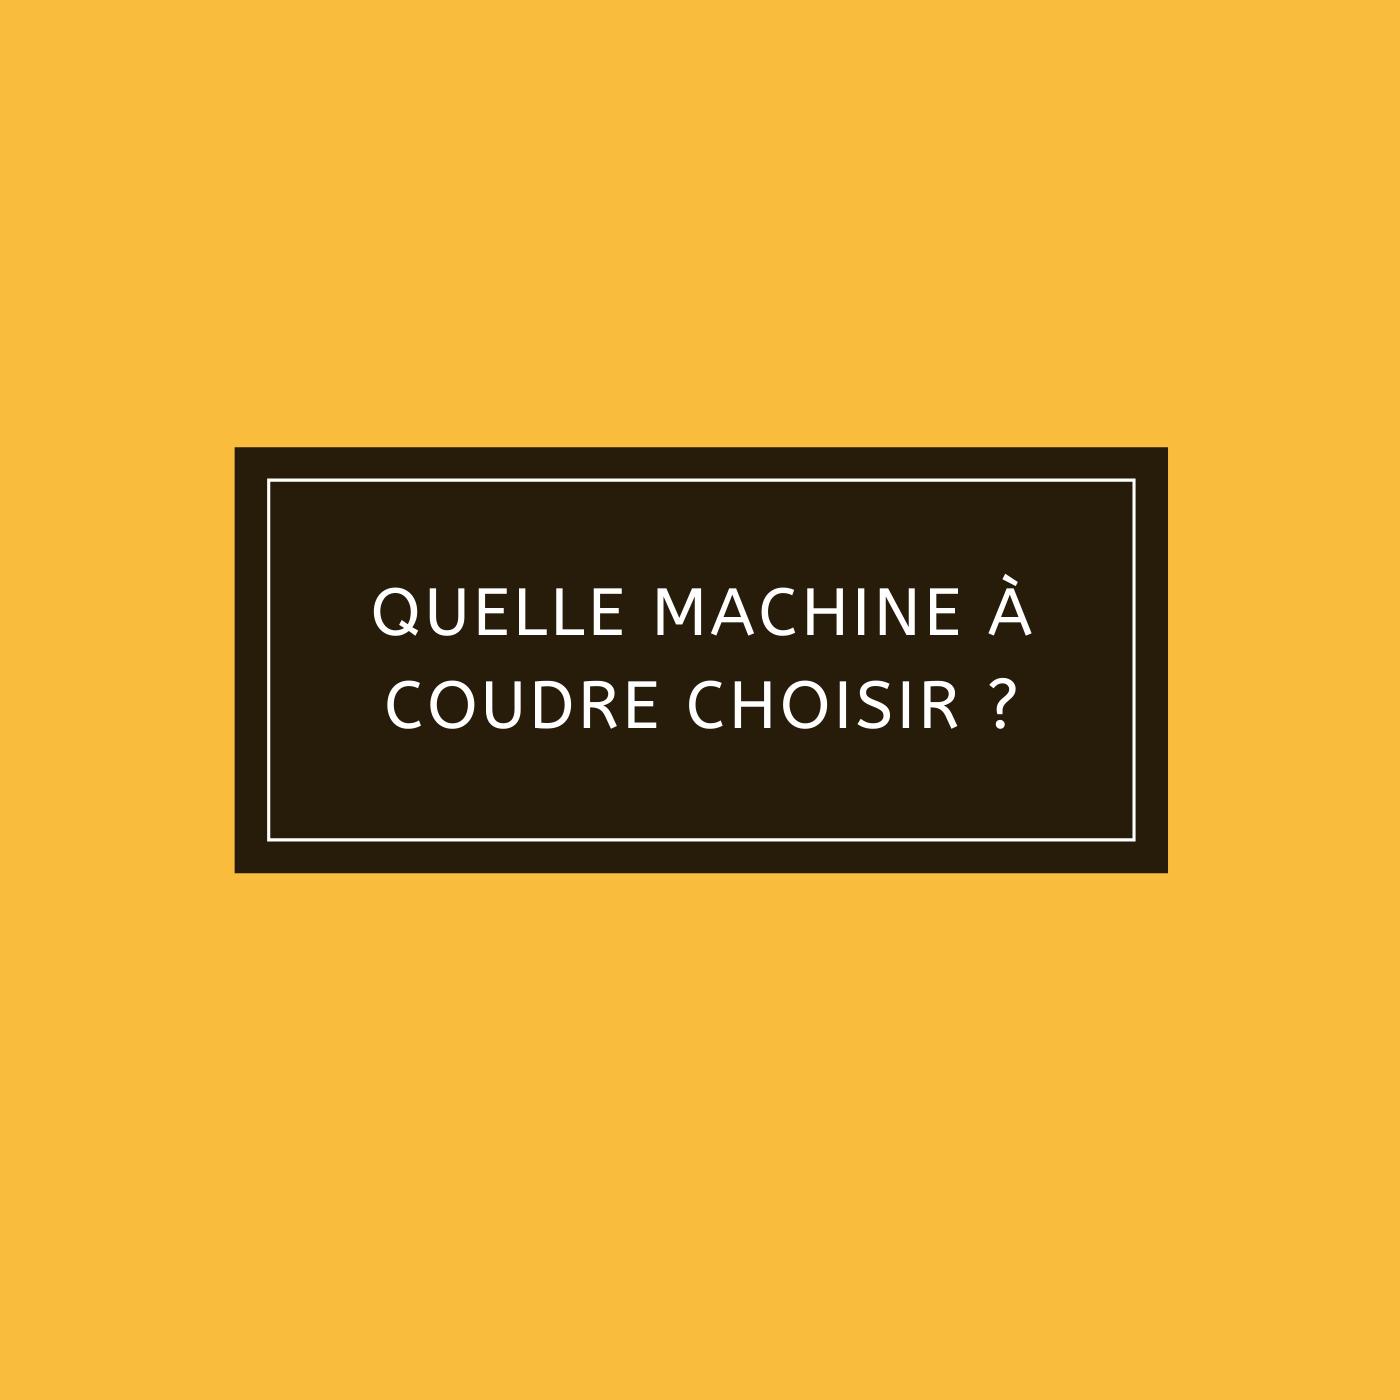 Quelle machine à coudre choisir ?